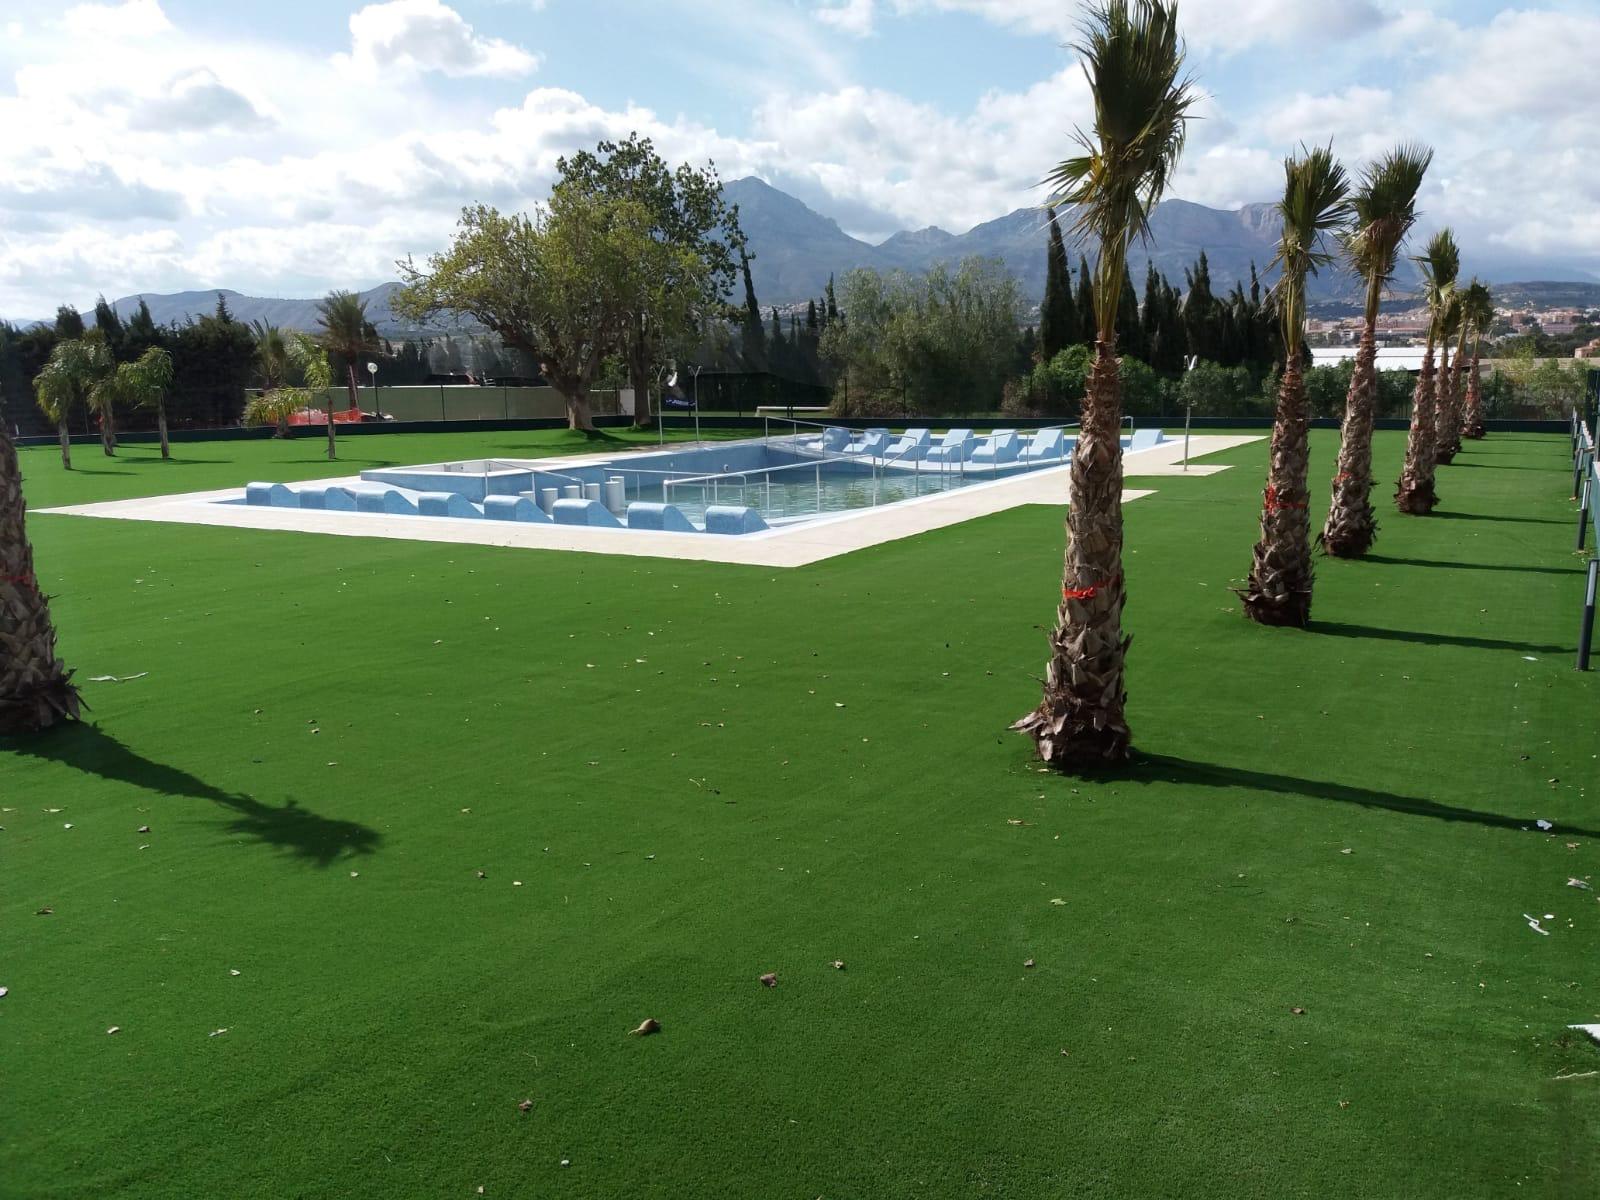 cesped artificial con piscina